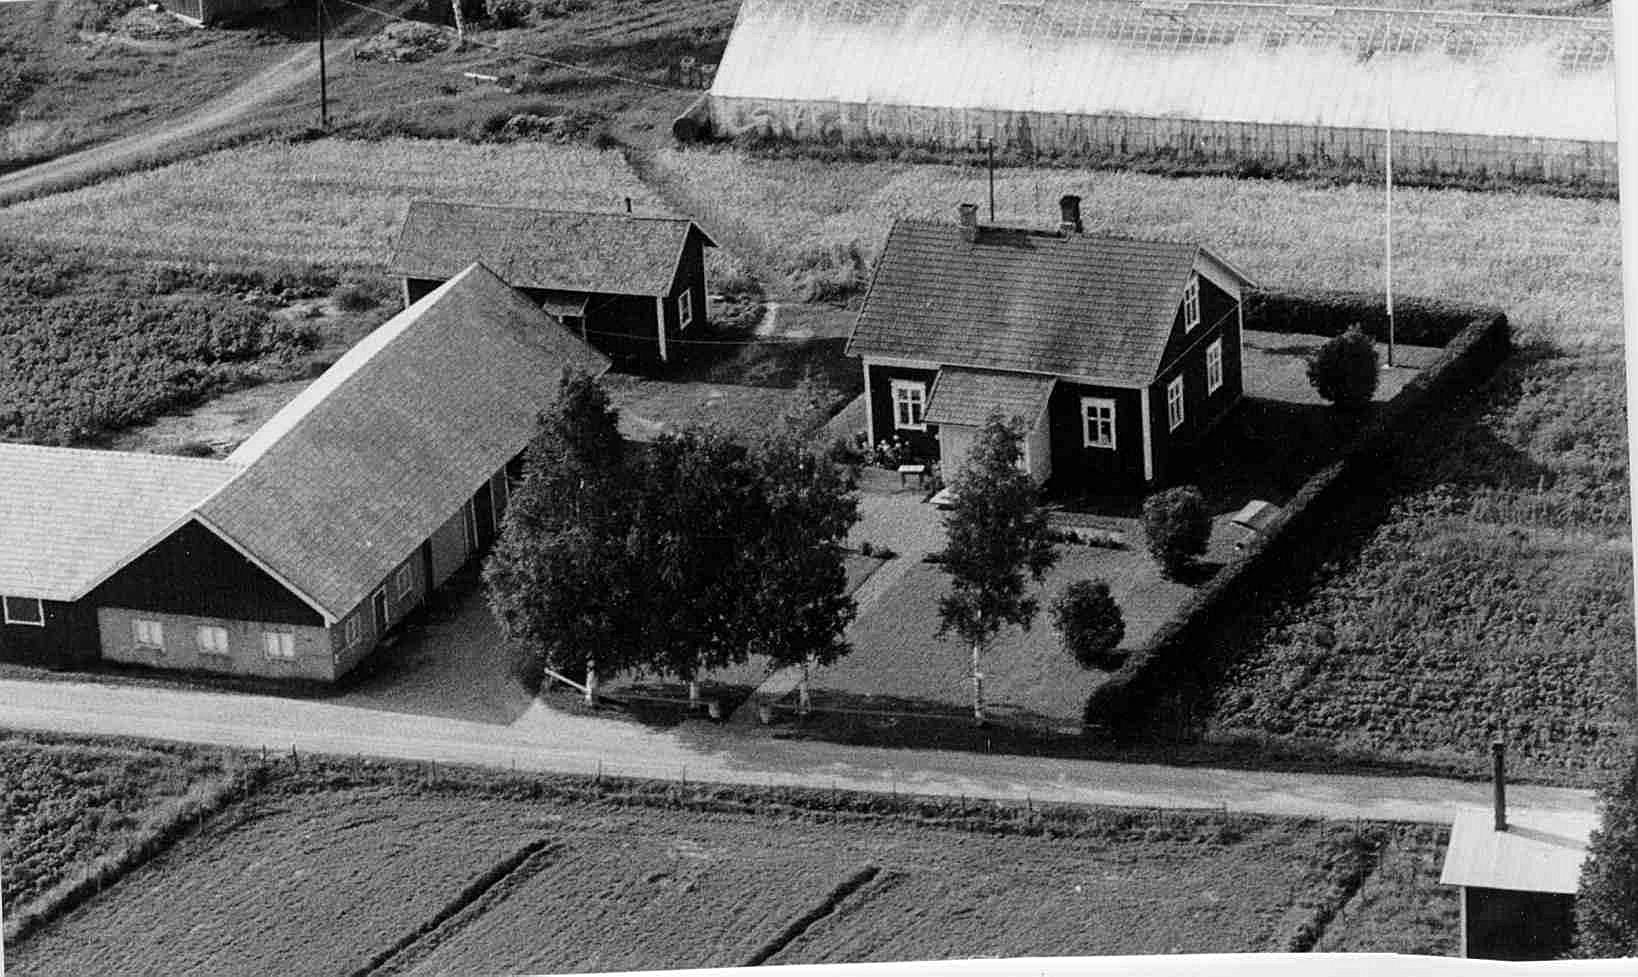 Gården som syns på flygfotot från början på 70-talet byggde Gunnar och Guldi år 1936. Uthusbyggnaden byggdes följande år och växthuset i bakgrunden byggdes i slutet på 60-talet. Hemmanet och gården övertogs sedan av deras son, som sedan har sålt hemmanet åt utomstående.